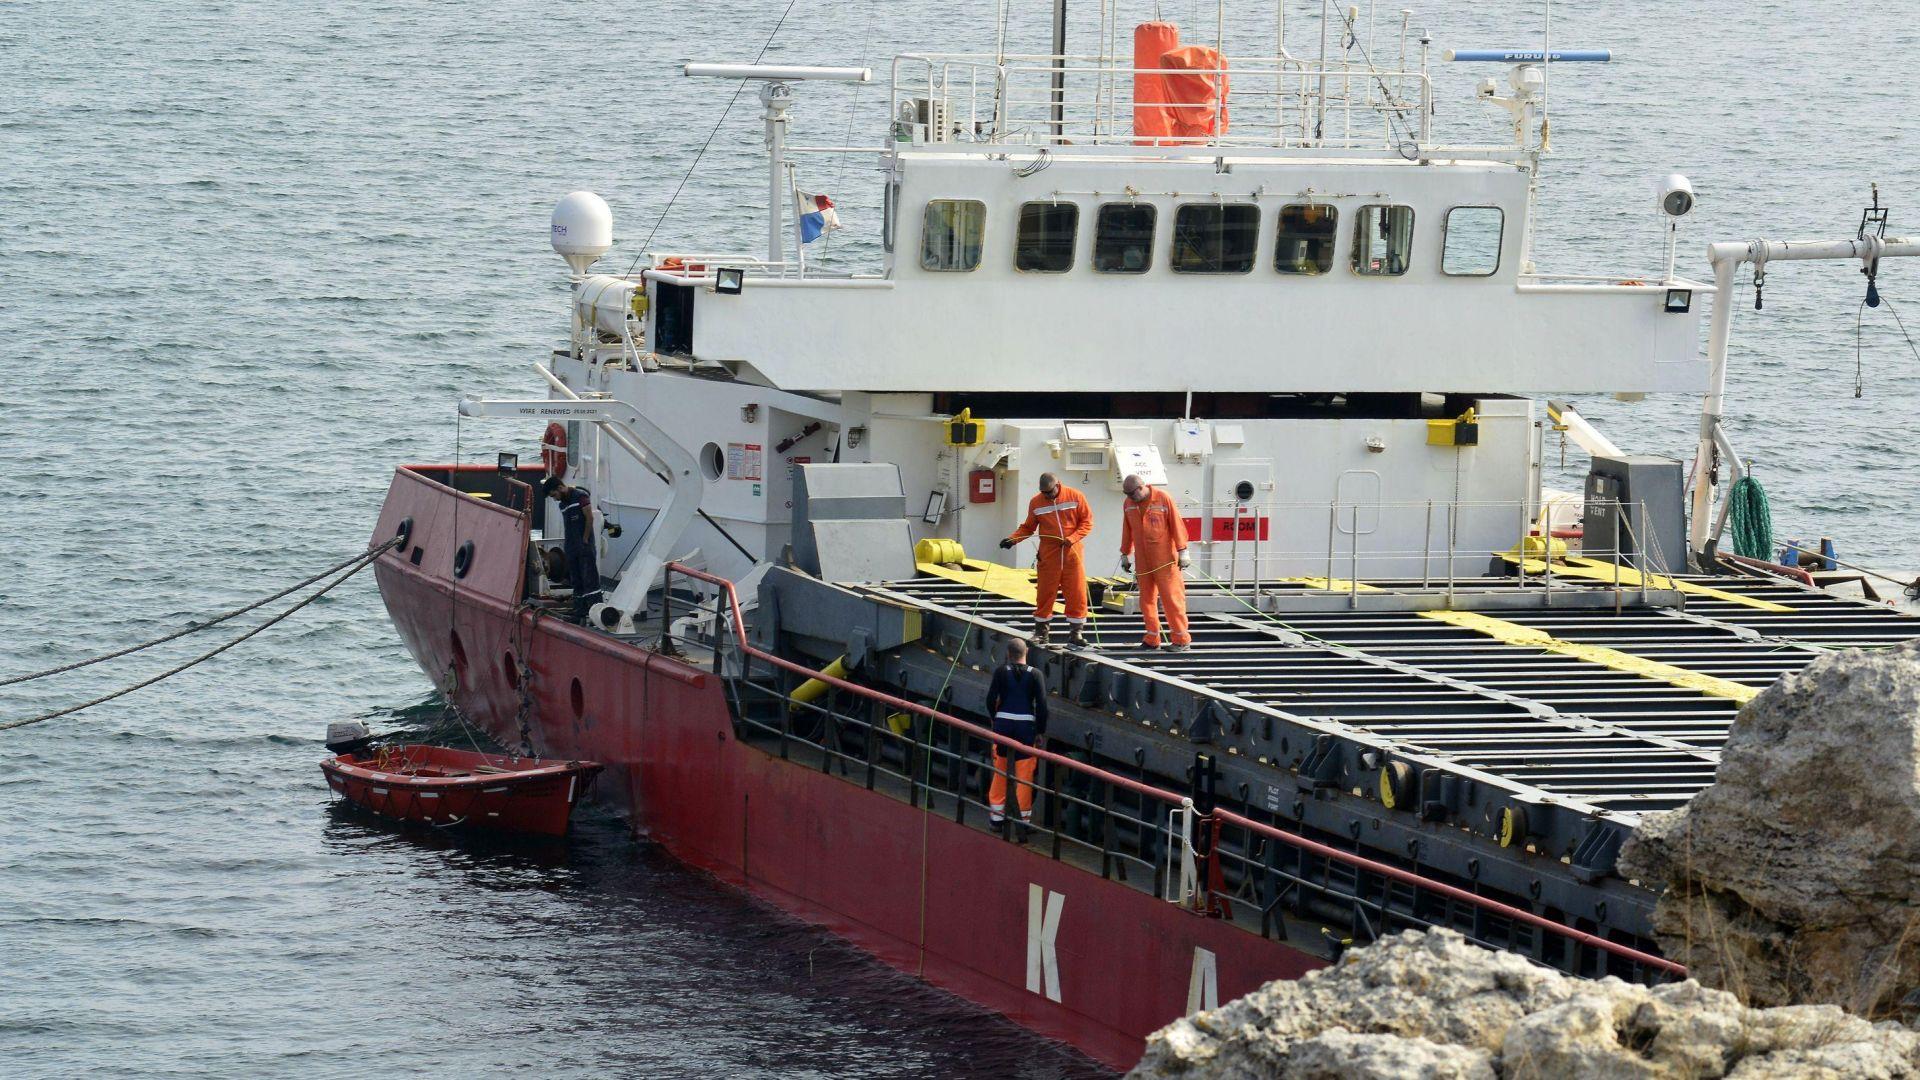 Силен вятър блокира освобождаването на заседналия кораб край Камен бряг